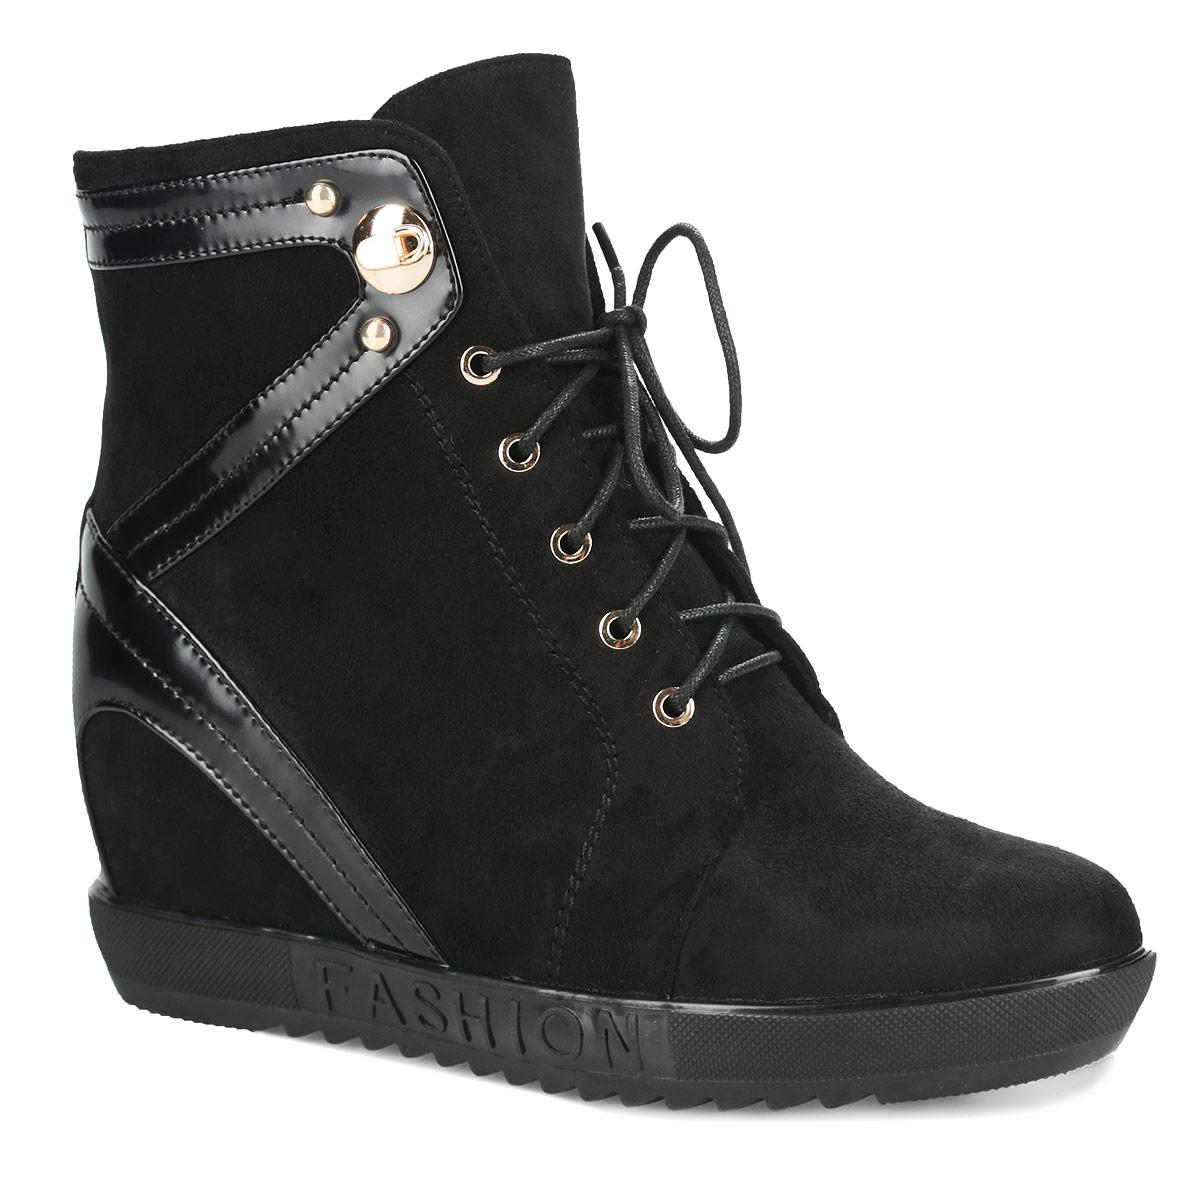 60204-01-1ABУльтрамодные ботильоны от Inario - основа гардероба каждой женщины. Модель изготовлена из качественного текстиля со вставками из искусственного лака. Обувь оформлена задним наружным ремнем, на подошве - надписью Fashion, на берцах - металлическими заклепками. Ботильоны застегиваются на боковую застежку-молнию. Шнуровка надежно зафиксирует обувь на ноге. Мягкая подкладка и стелька, выполненные из байки, невероятно комфортны при ходьбе. Умеренной высоты скрытая танкетка устойчива. Подошва с протектором гарантирует идеальное сцепление с любой поверхностью. Удобные ботильоны займут достойное место среди вашей коллекции обуви.